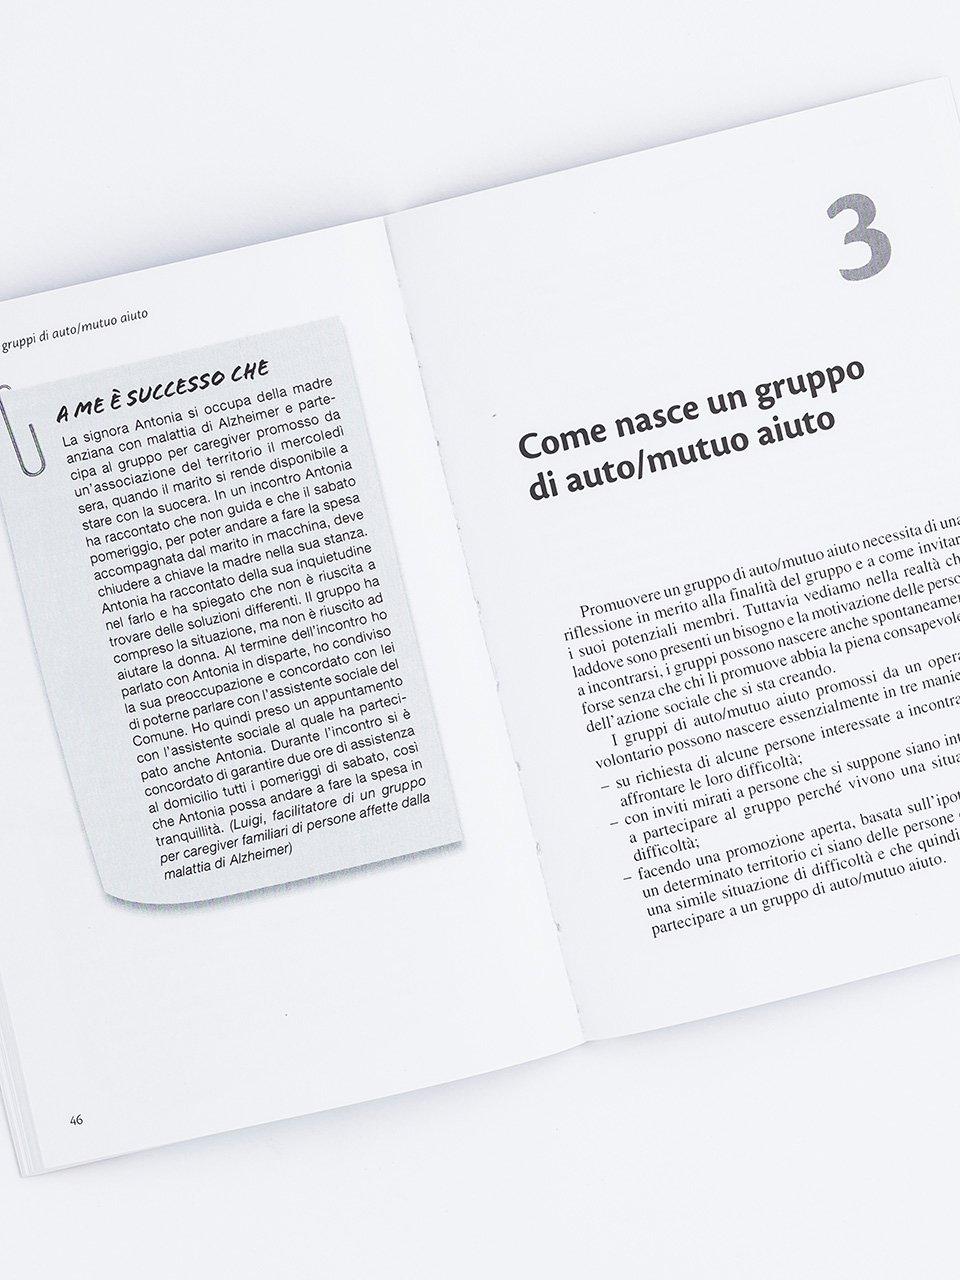 Attivare e facilitare i gruppi di auto/mutuo aiuto - Libri - Erickson 2